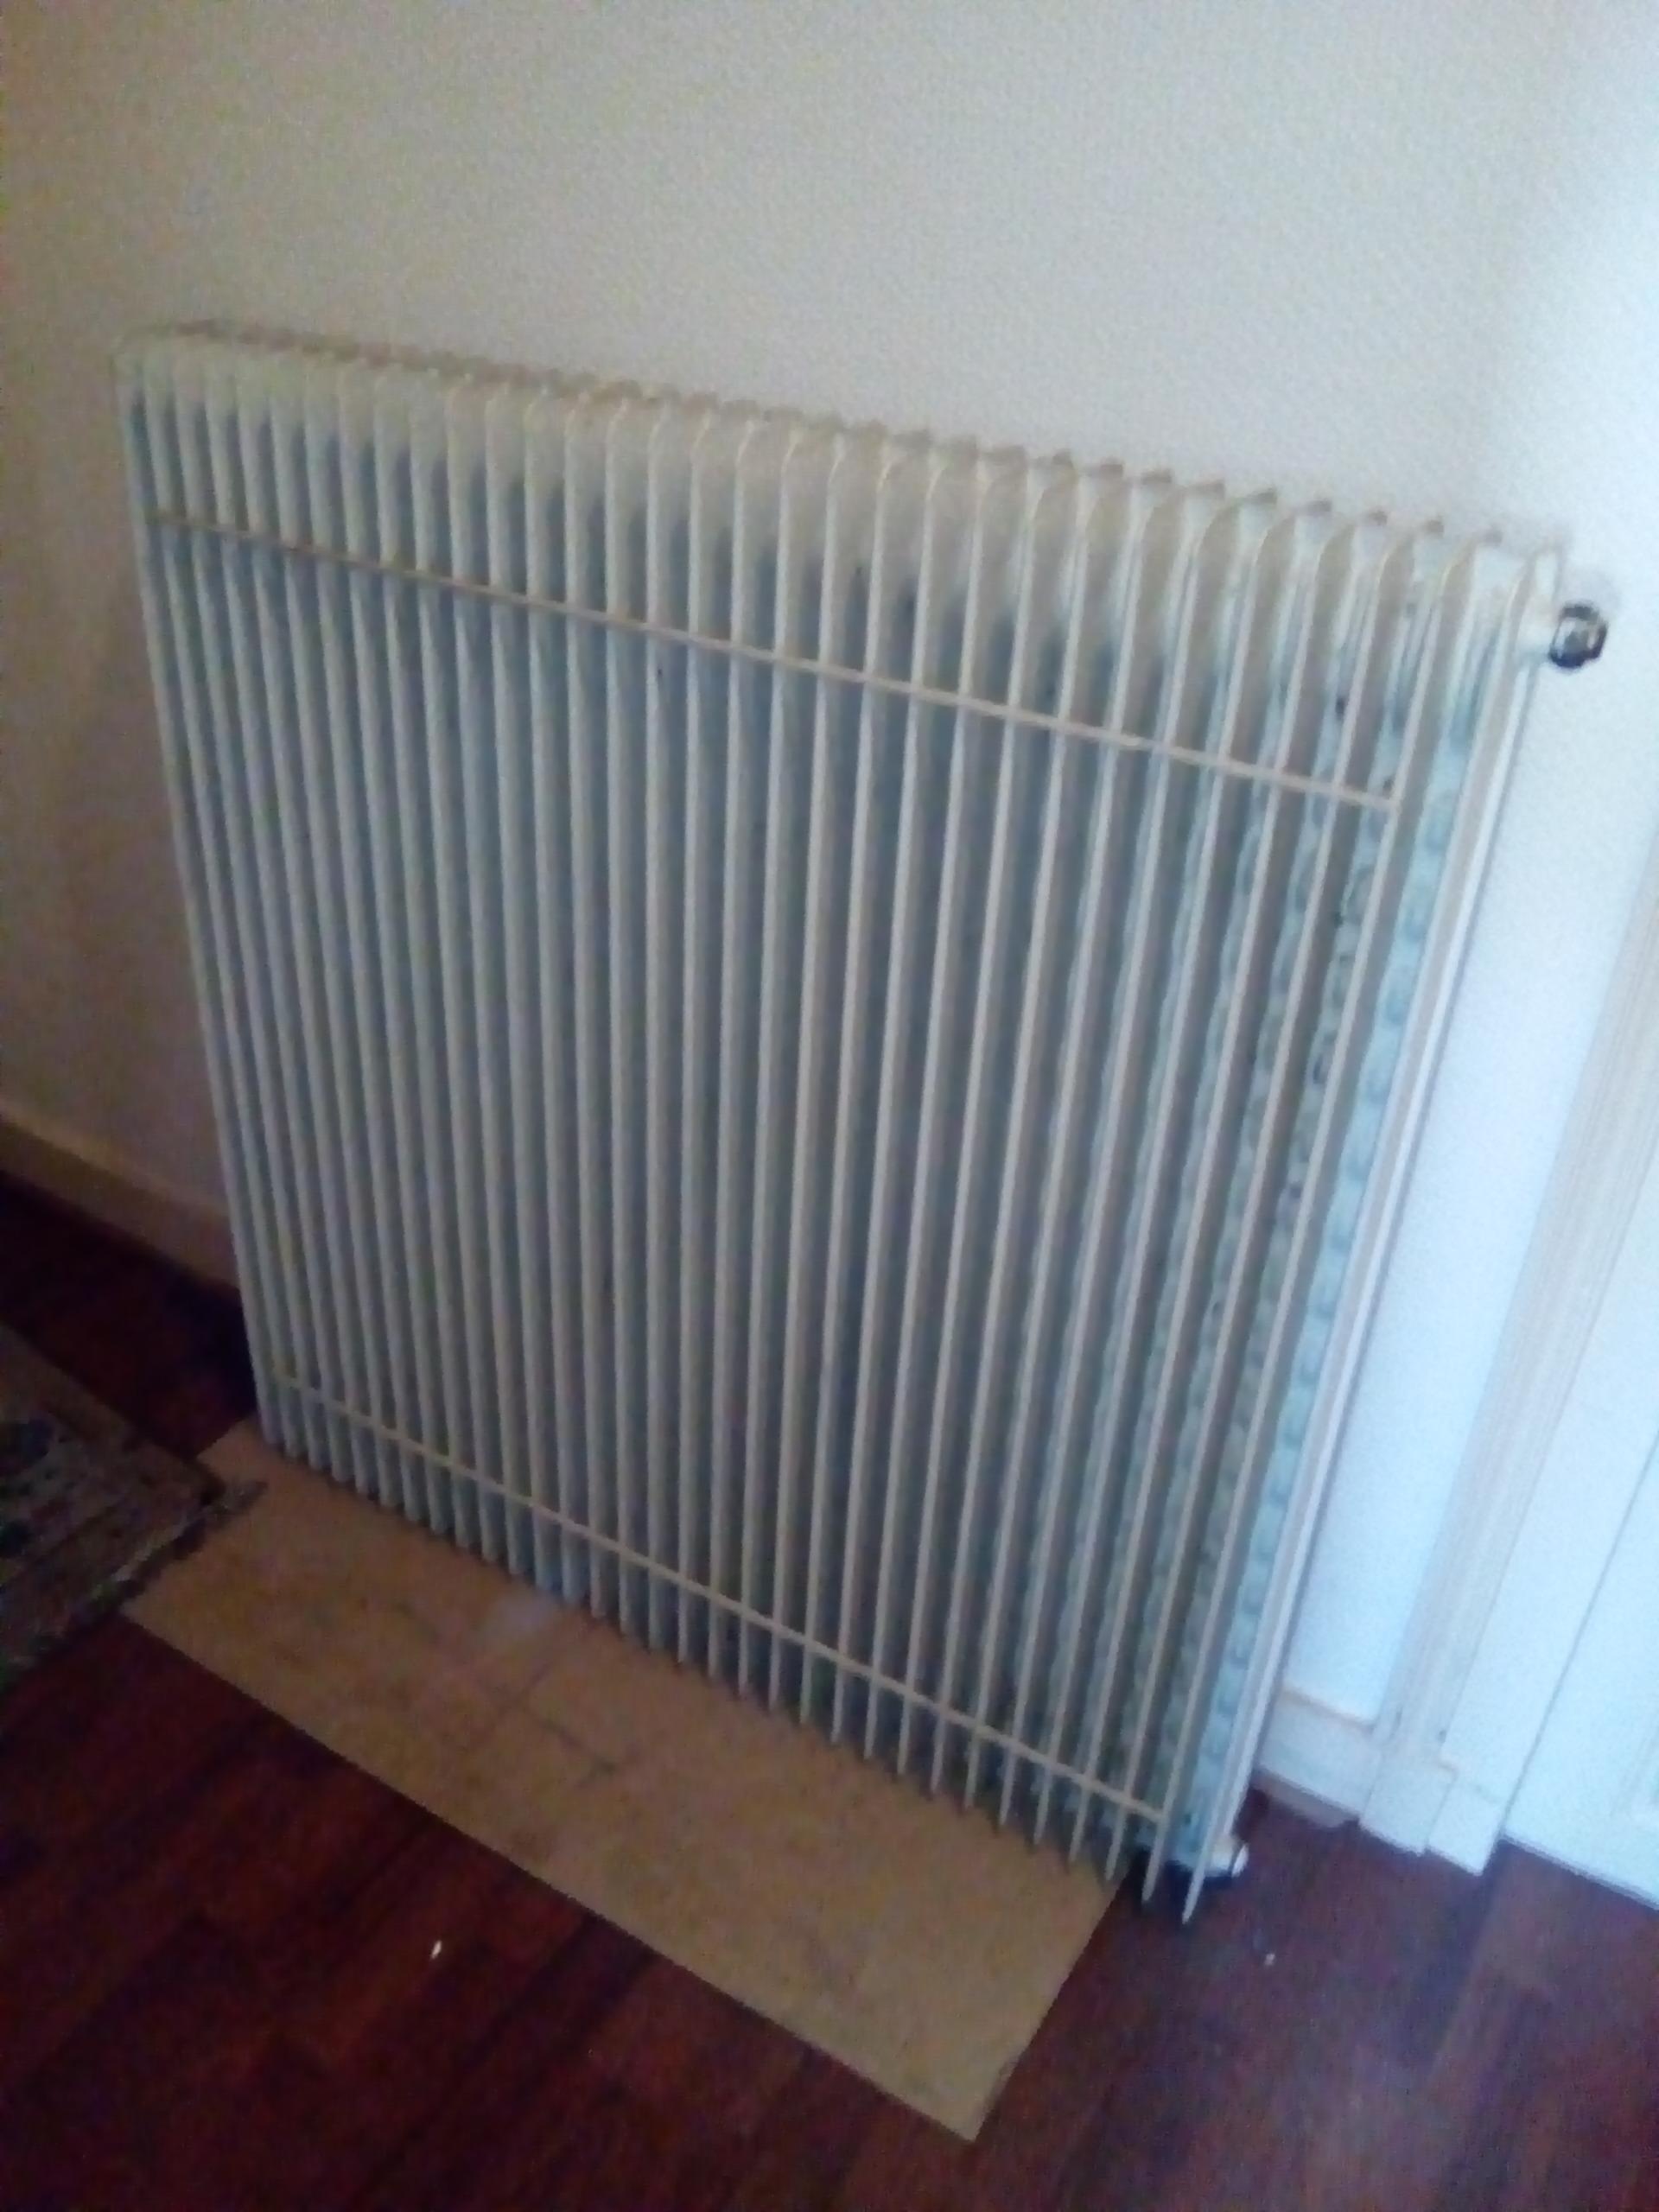 radiateur lamela pour chauffage central dimensions  0,90mx1m 0 Orléans (45)